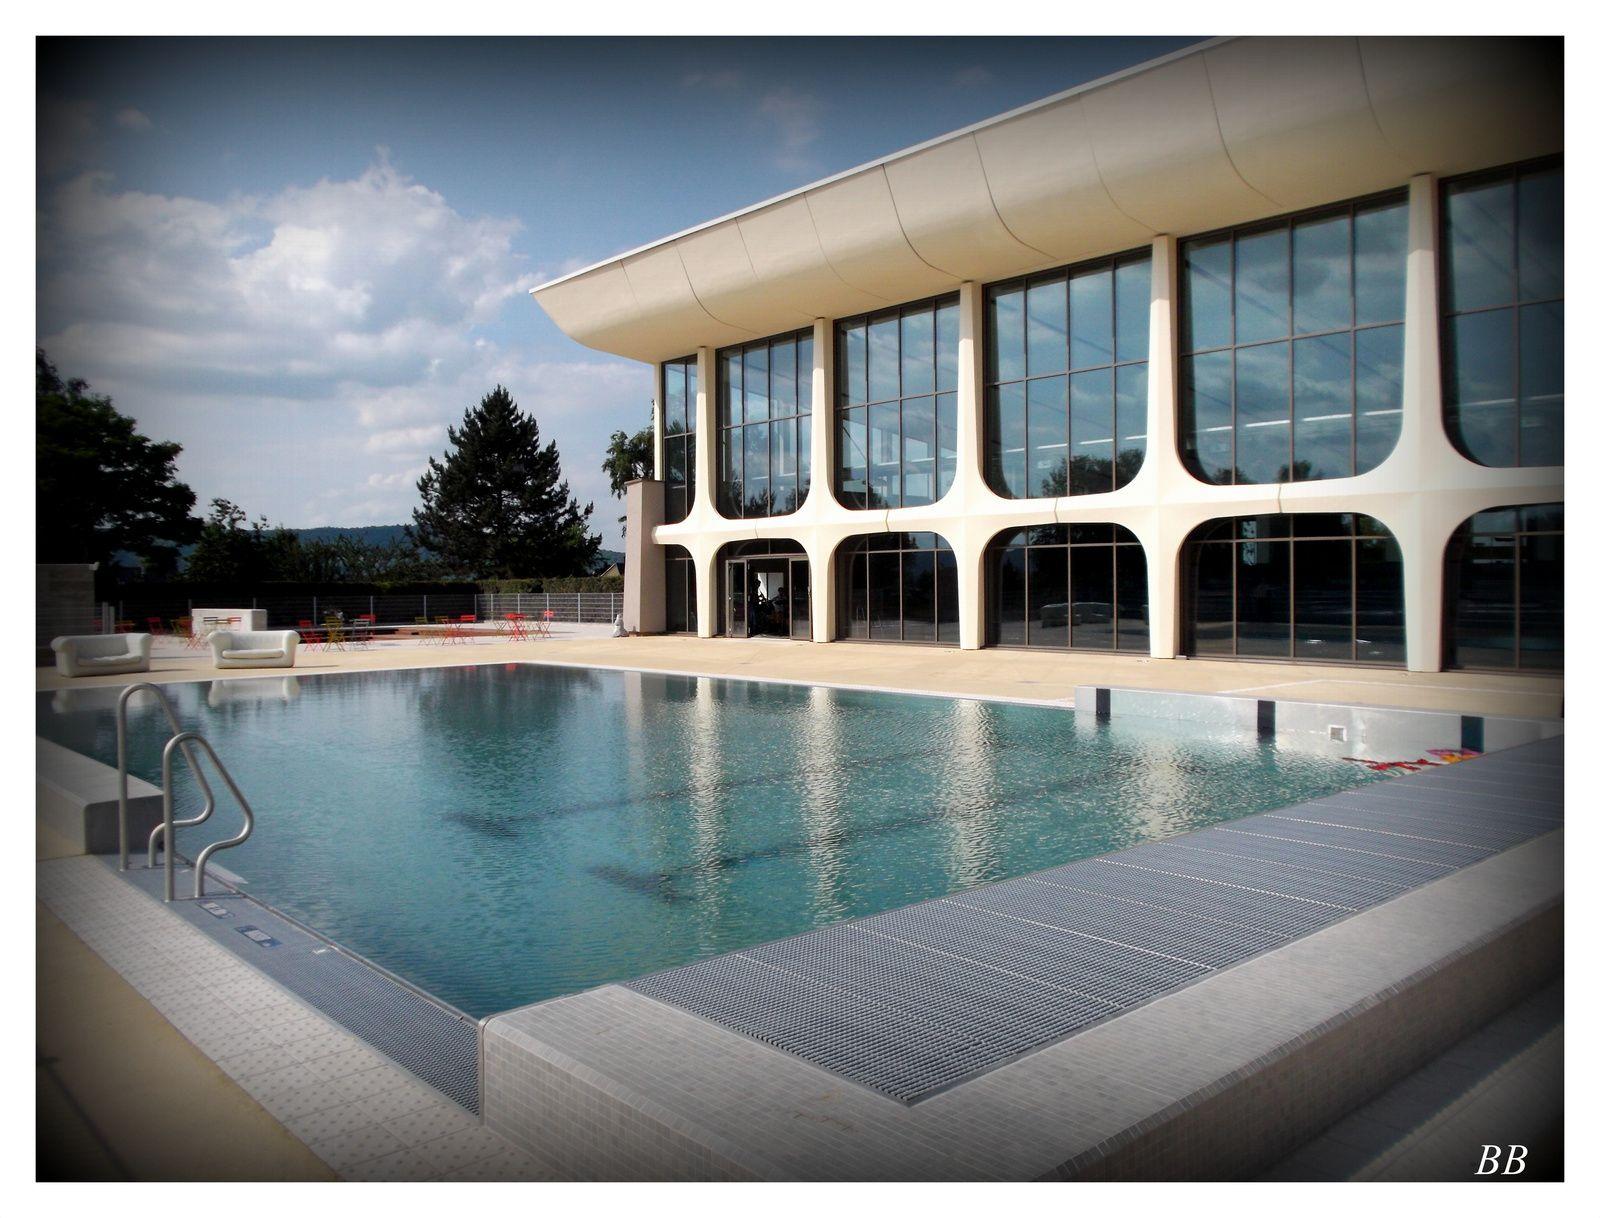 Montigny l s metz piscine saison 2015 2016 info locale metz pays messin - Piscine maisons laffitte horaires d ouverture metz ...